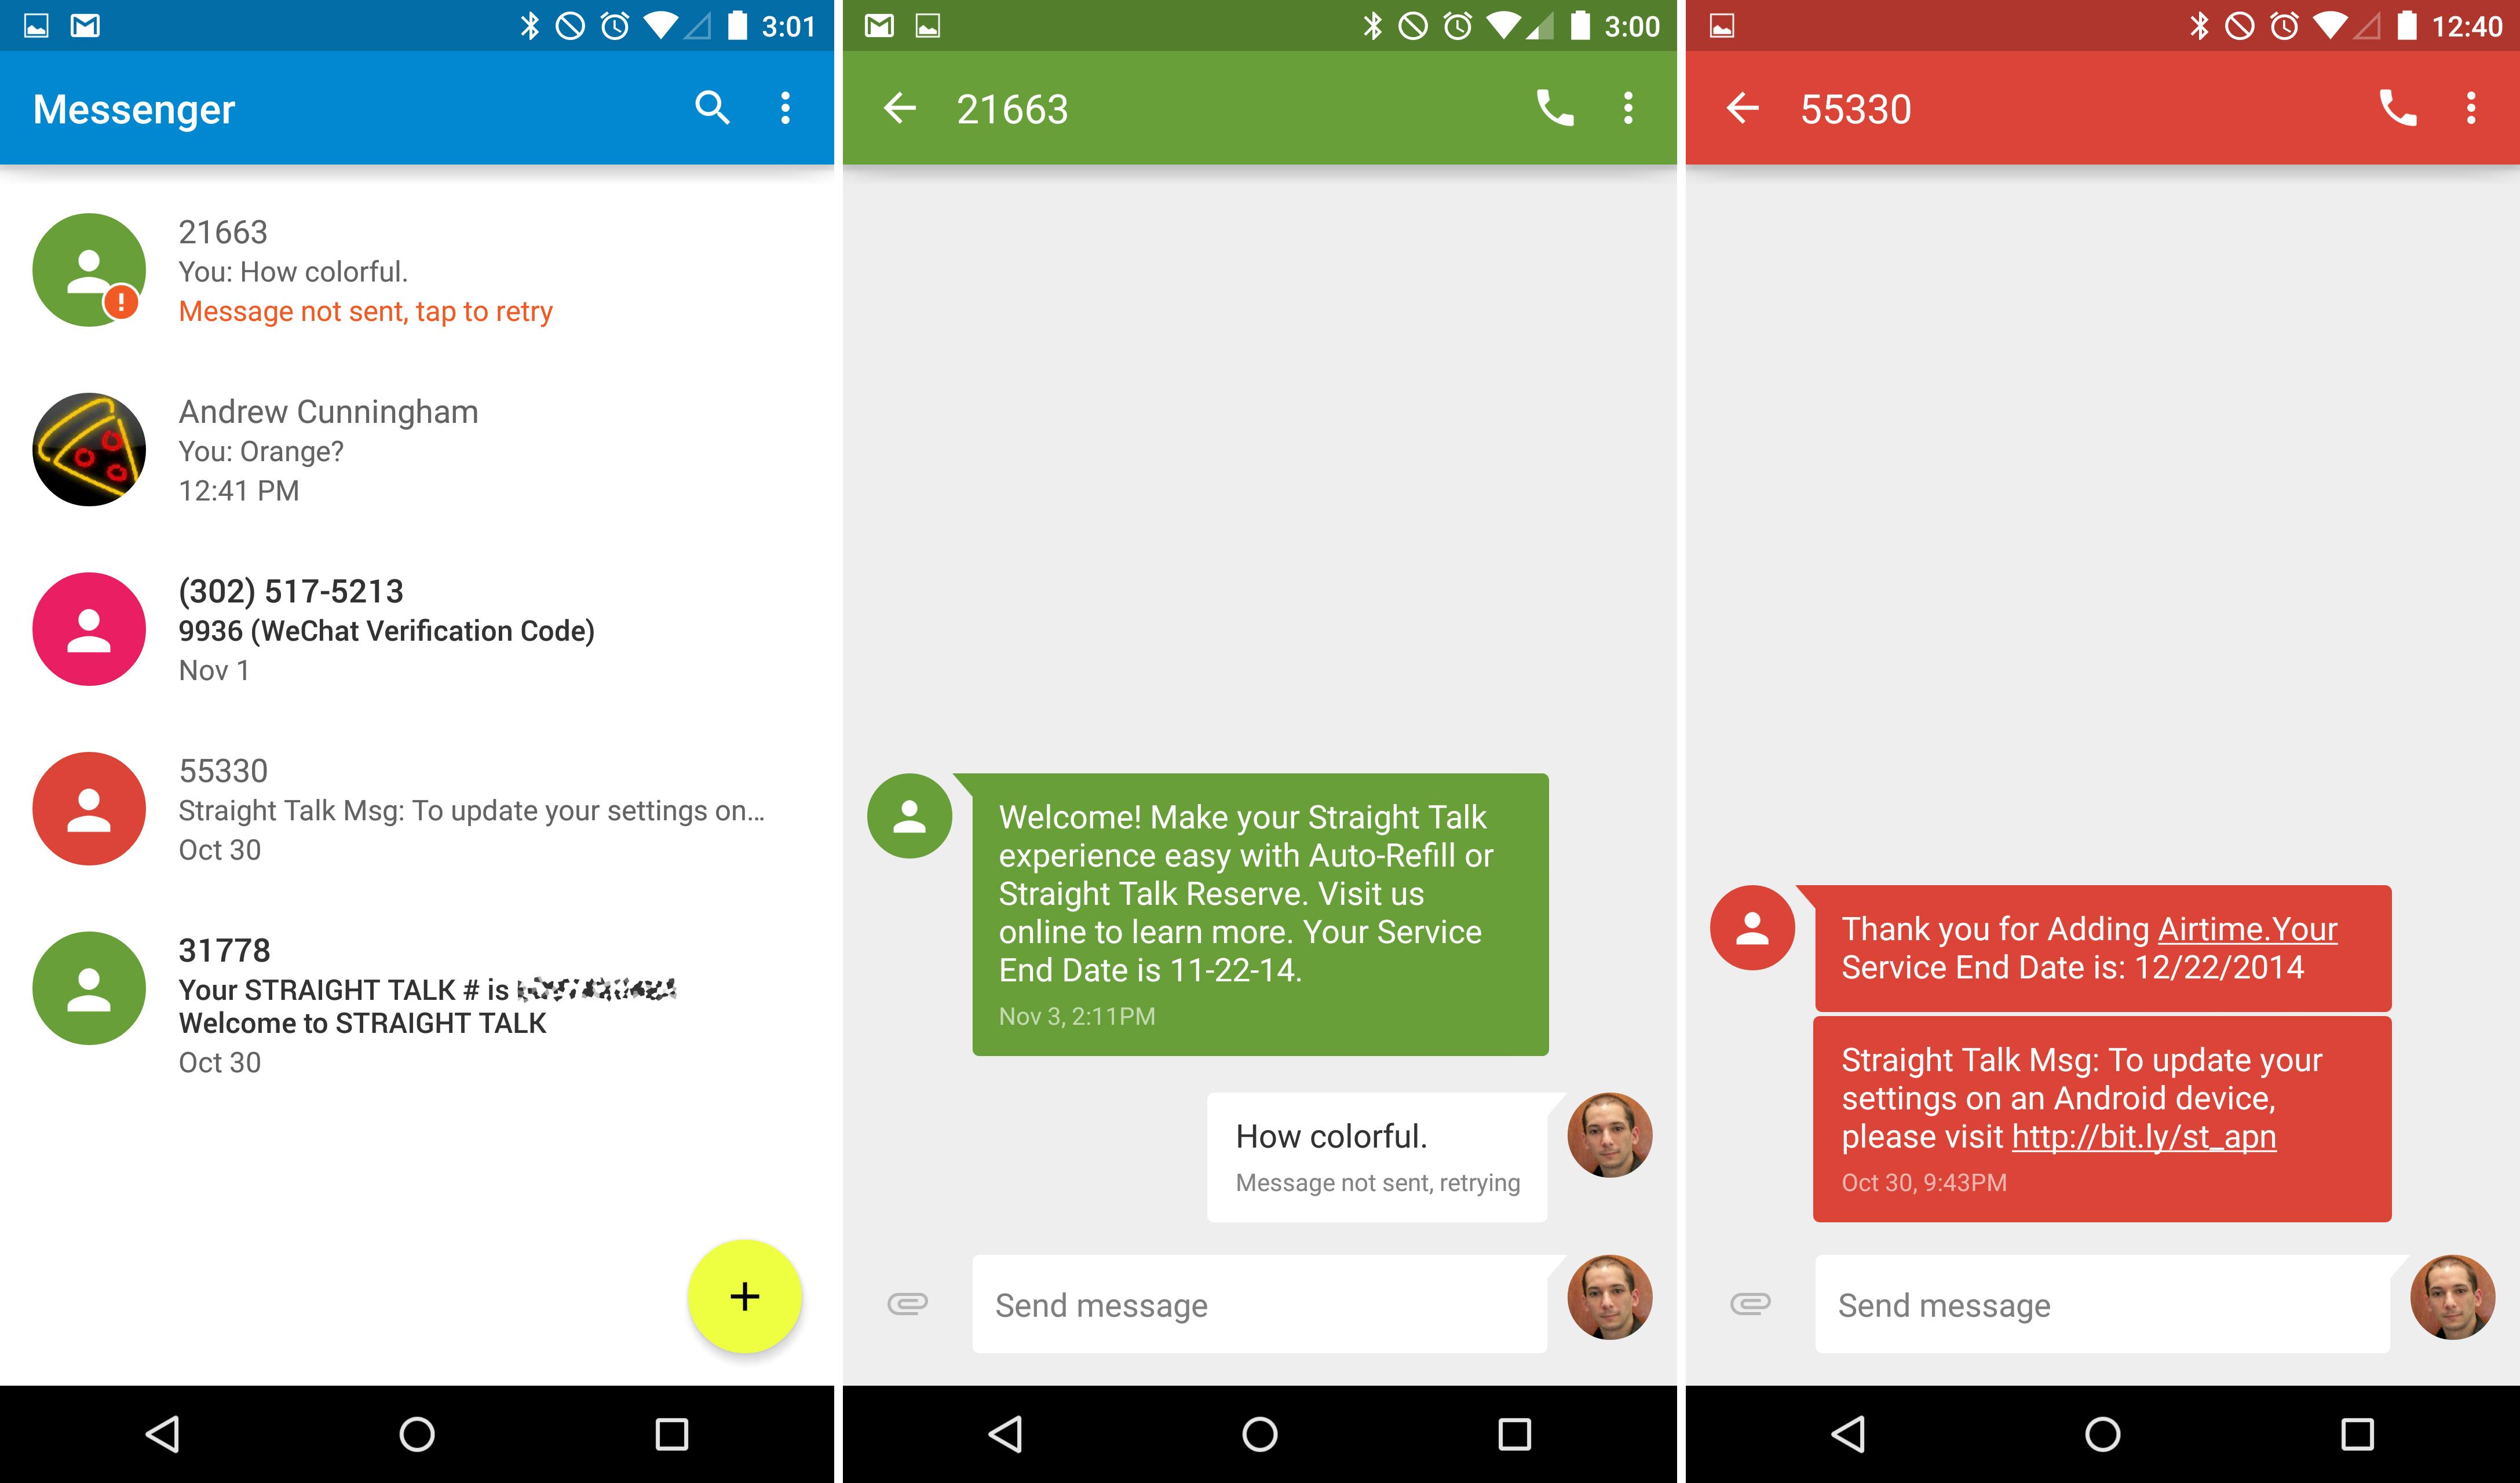 Request] A tweak to darken the statusbar like on androids : jailbreak